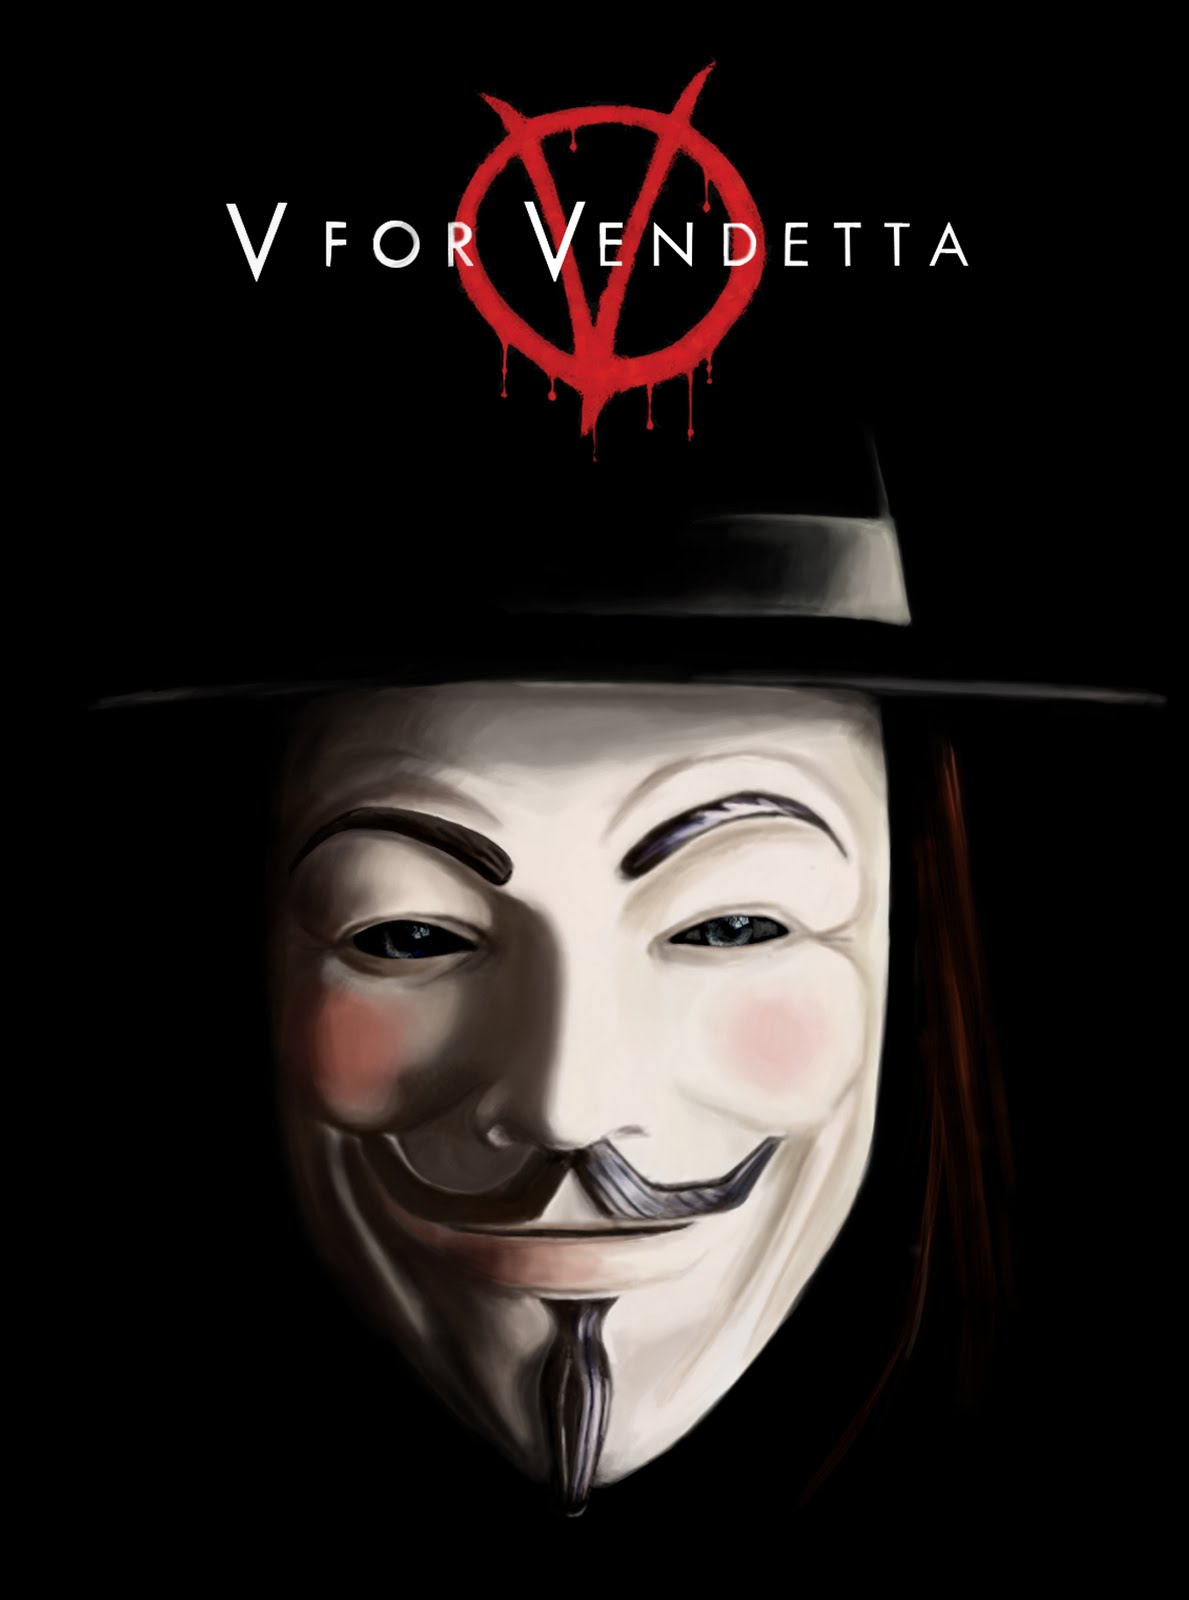 póster de la película V de vendetta